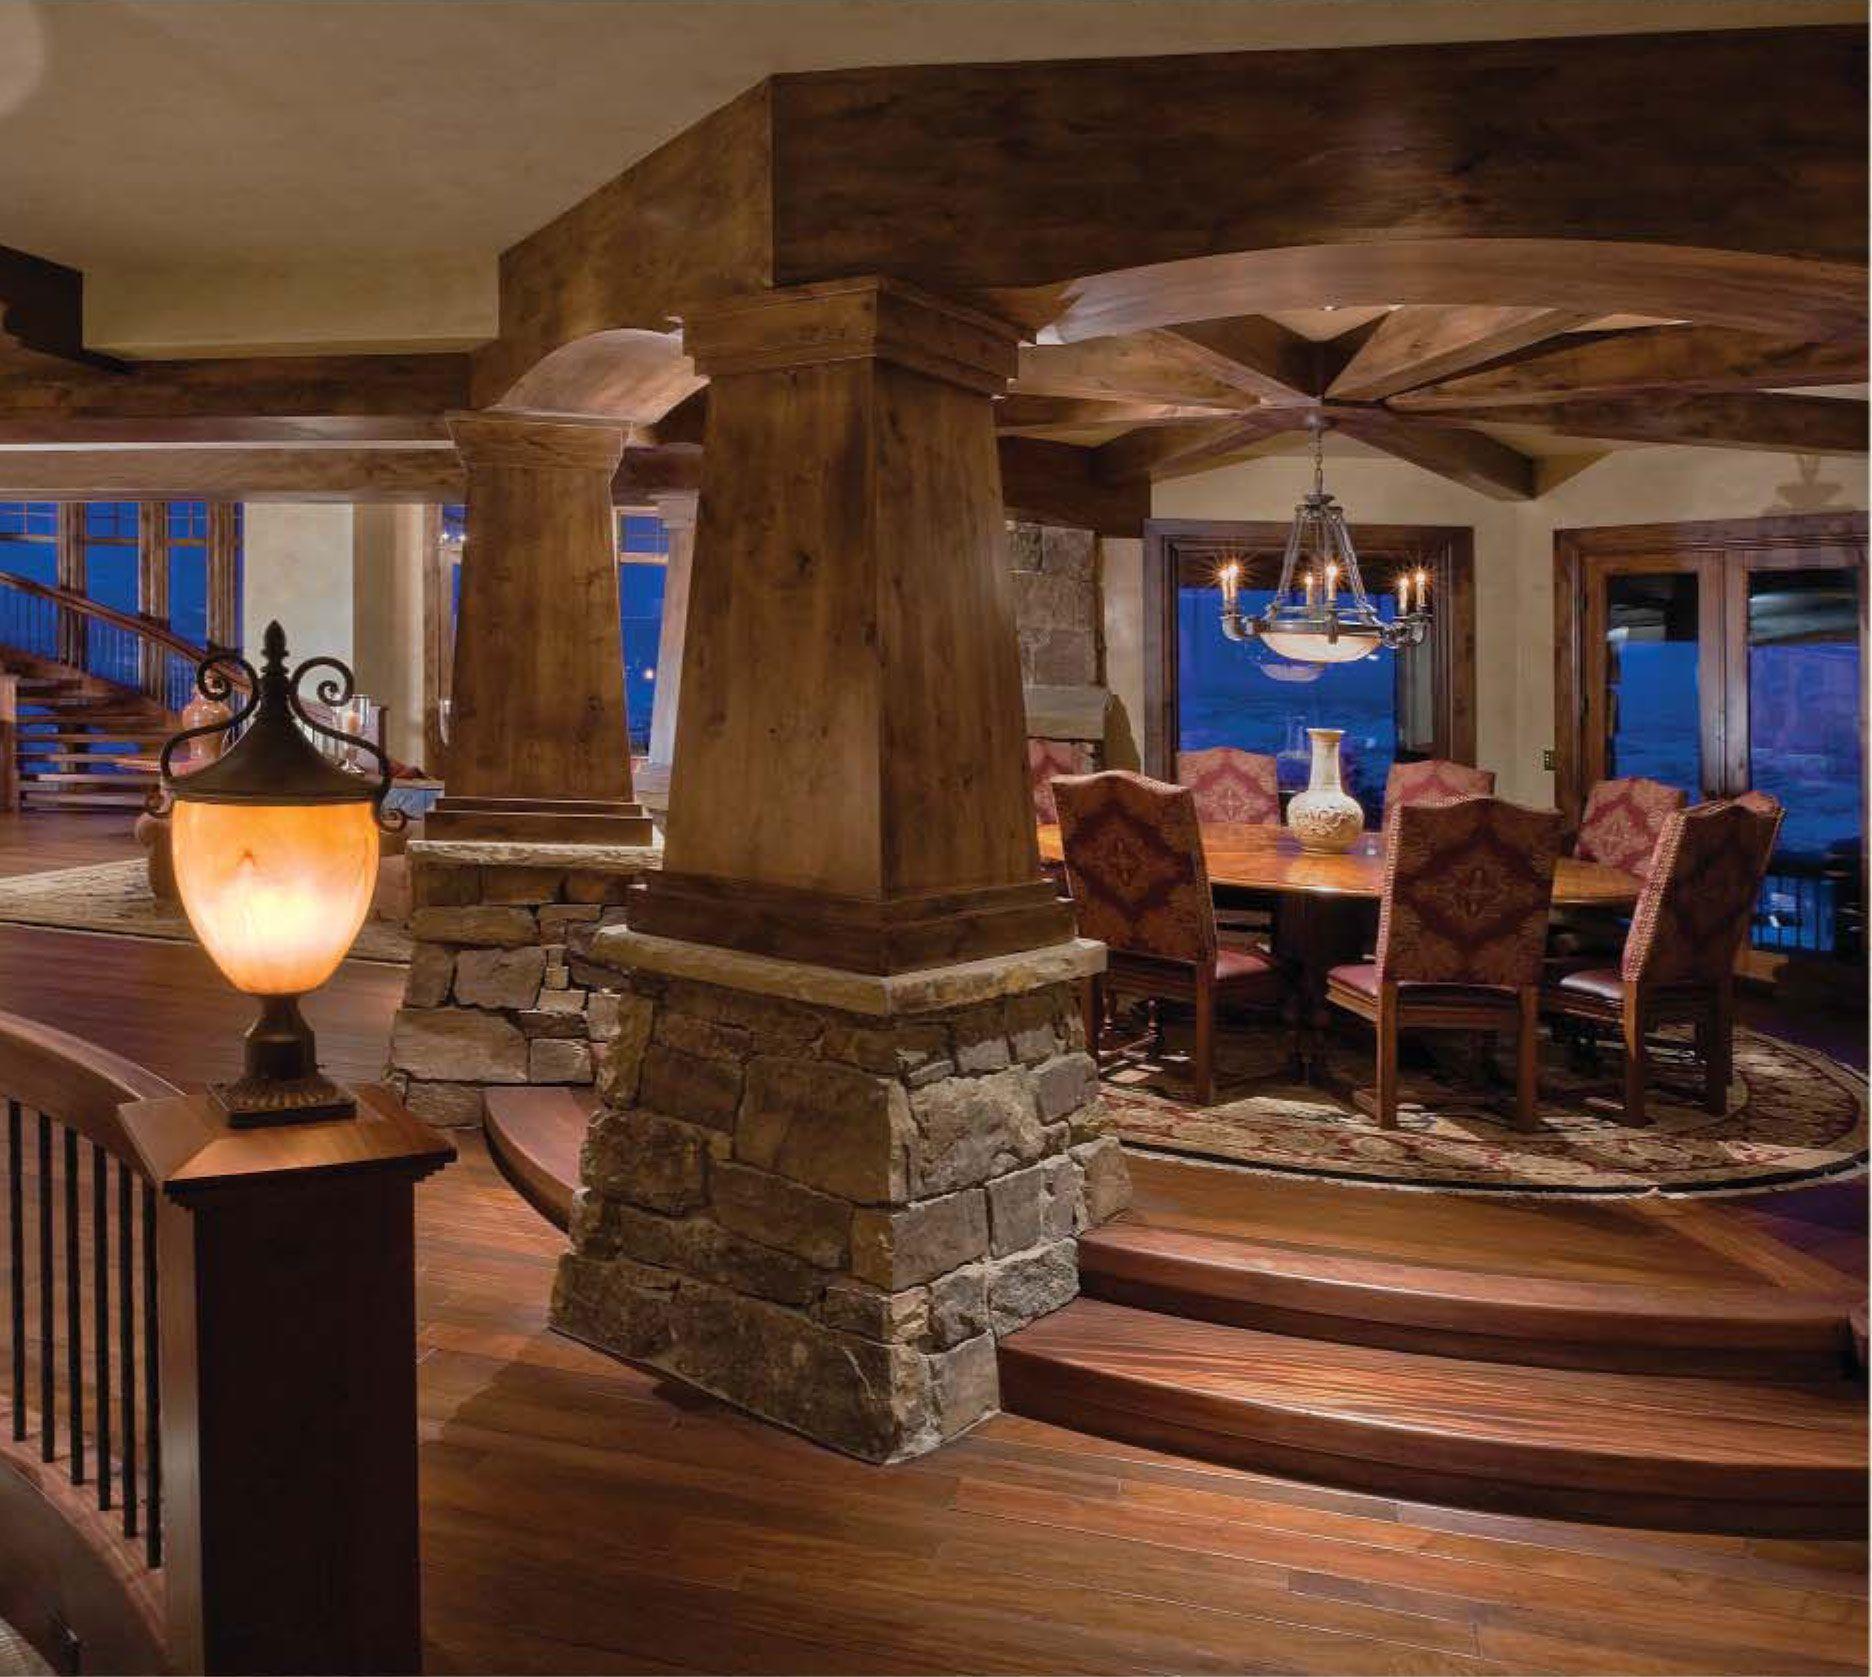 lucas retro pendant light blue a7500. Dinning Room Ideas Lucas Retro Pendant Light Blue A7500